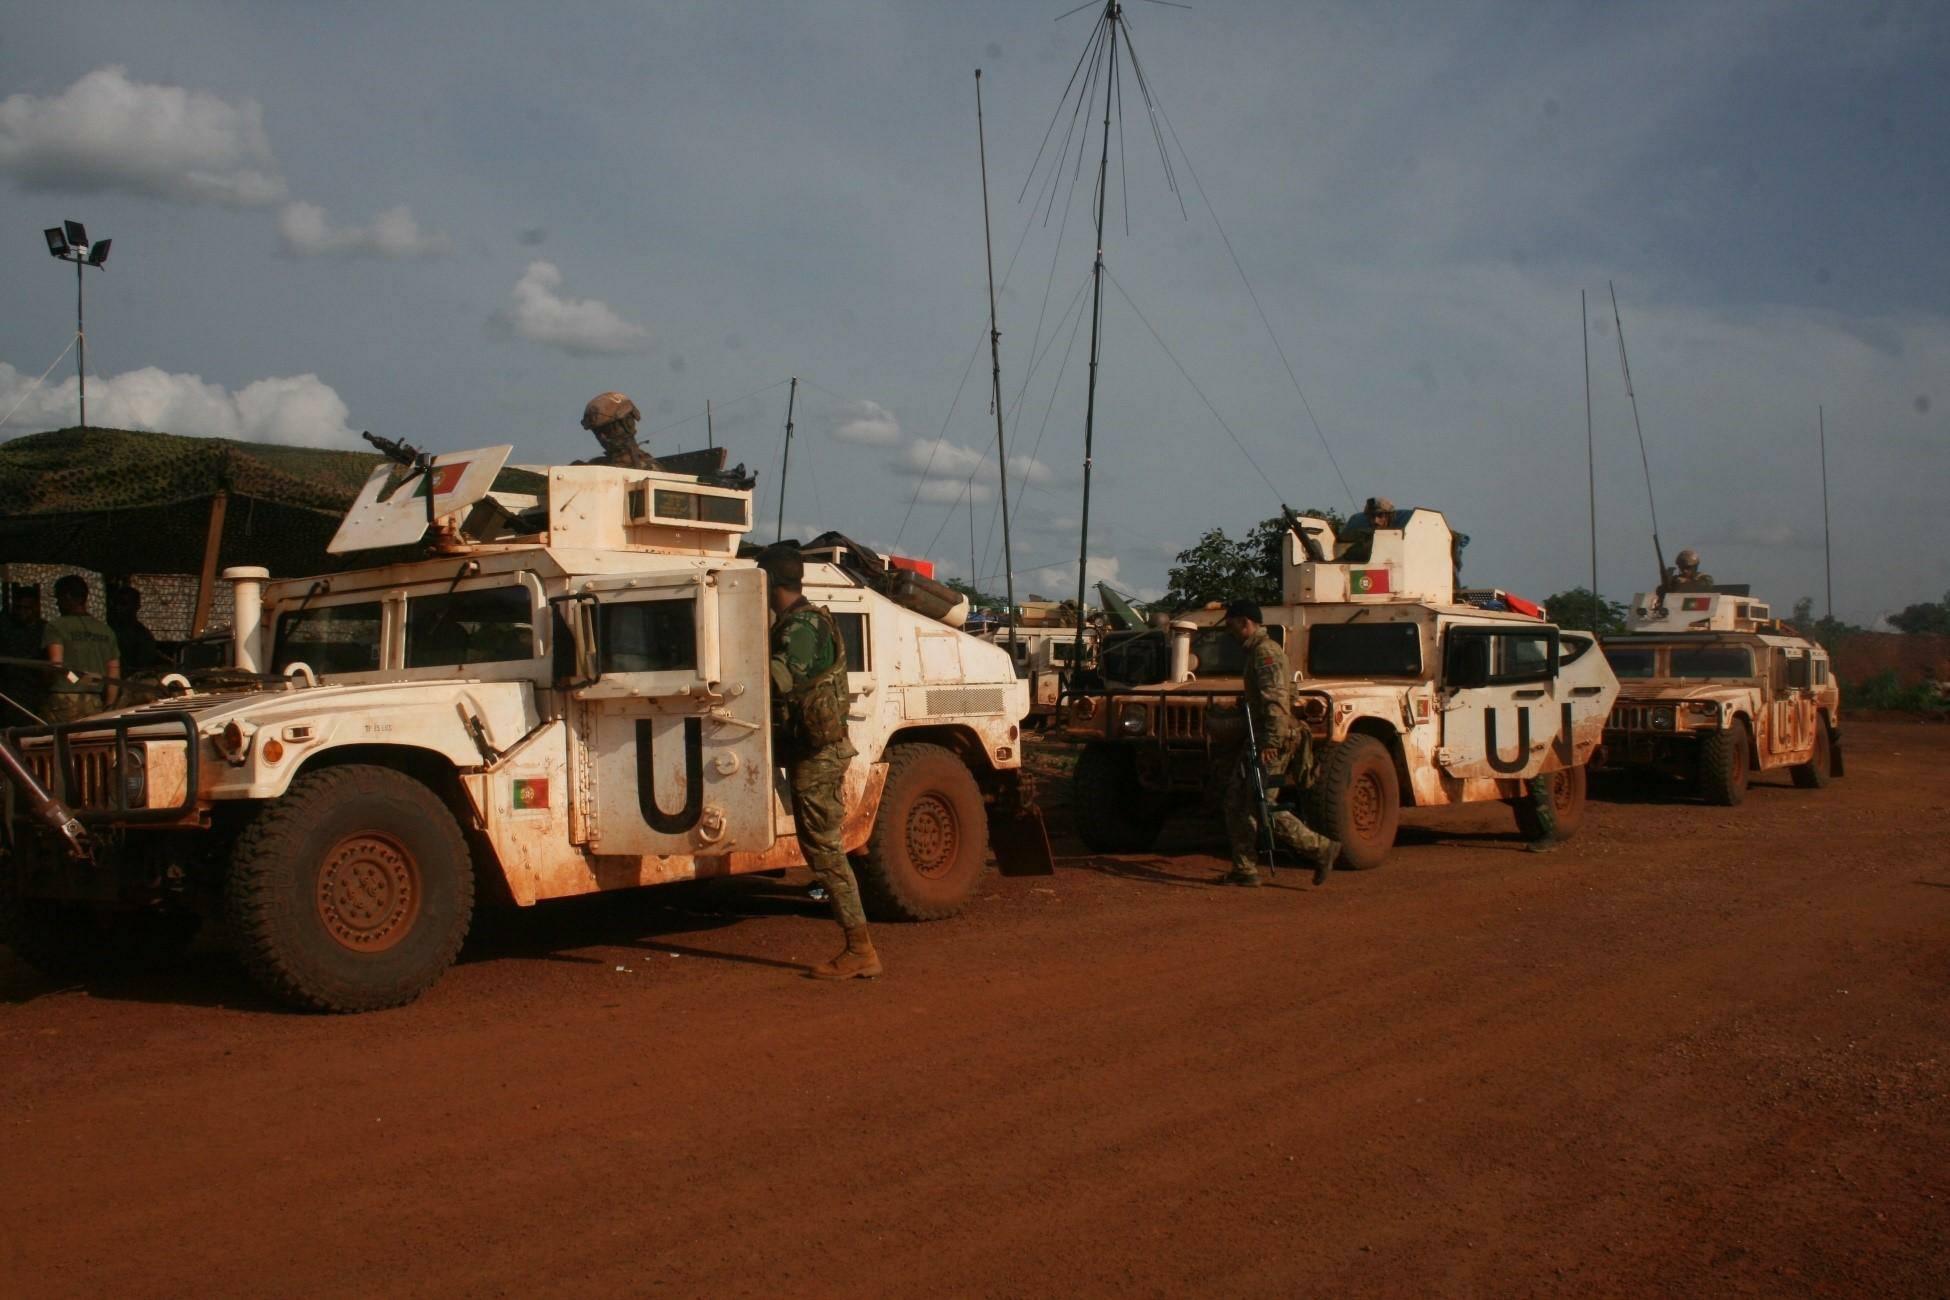 Militares portugueses na República Centro Africana // Foto de artigo: TACP da Força Aérea Portuguesa // (c) EMGFA